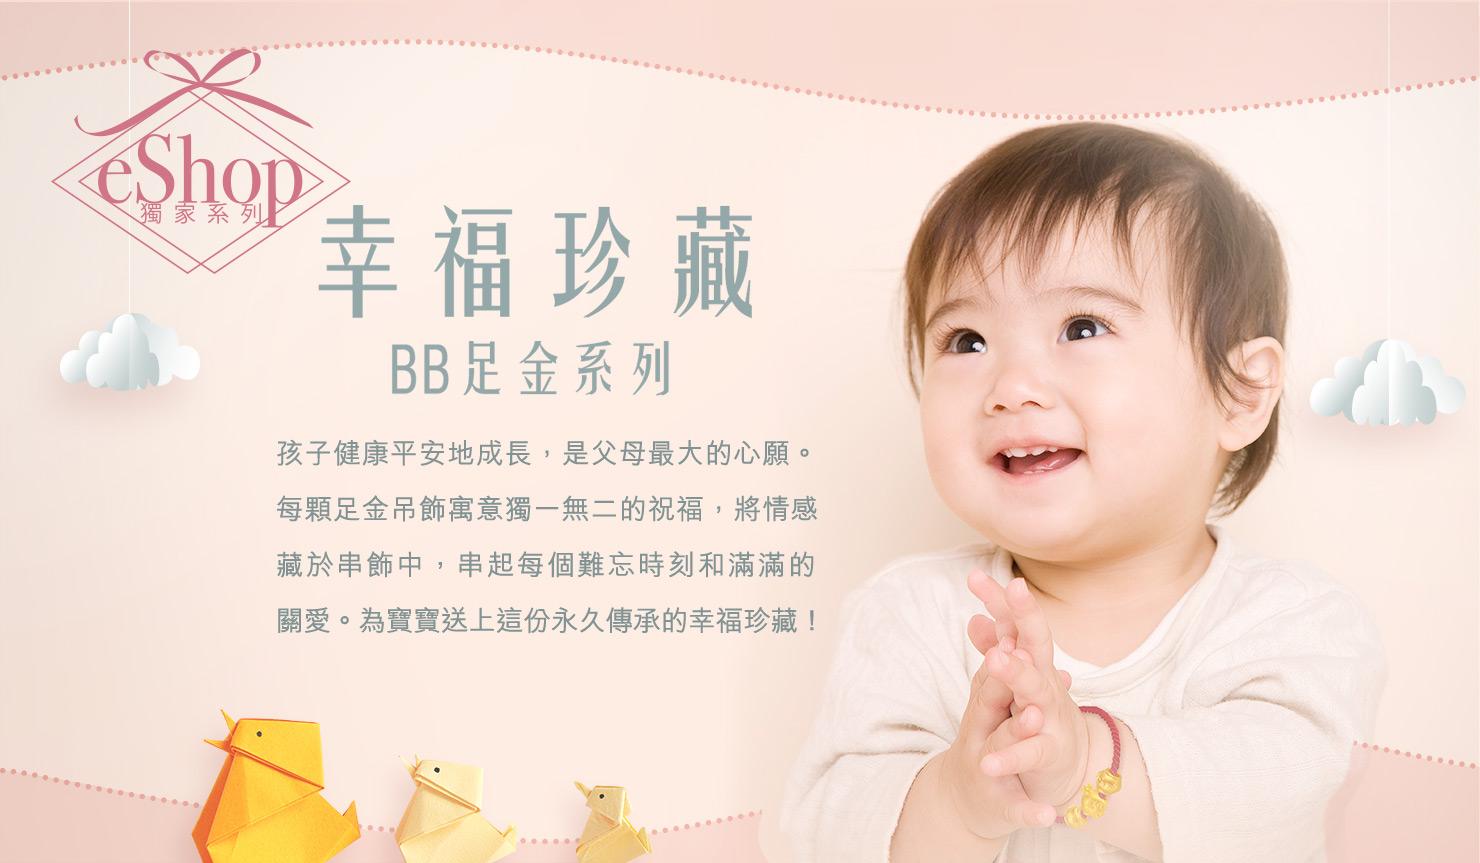 【幸福珍藏】BB足金系列提供多款嬰幼兒足金吊飾,以紅繩串起蘊含不同祝福的吊飾,為寶寶送上這份永久傳承的幸福珍藏!